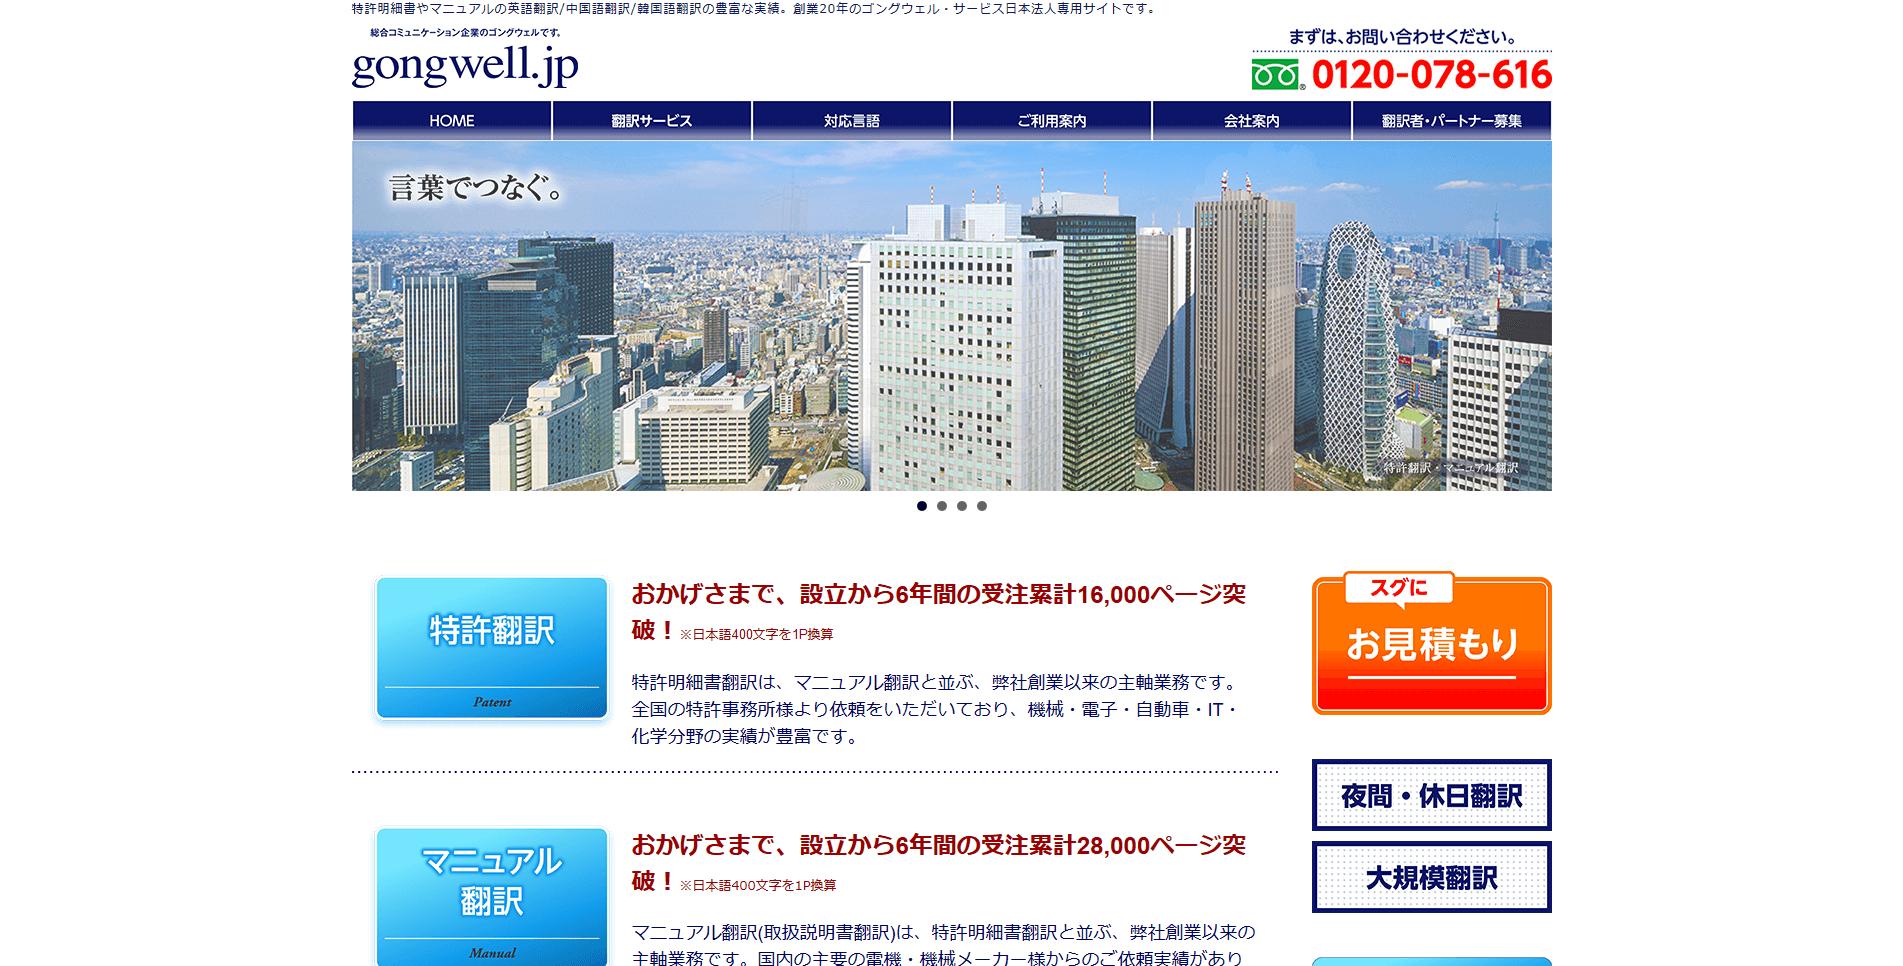 ゴングウェル・サービス株式会社